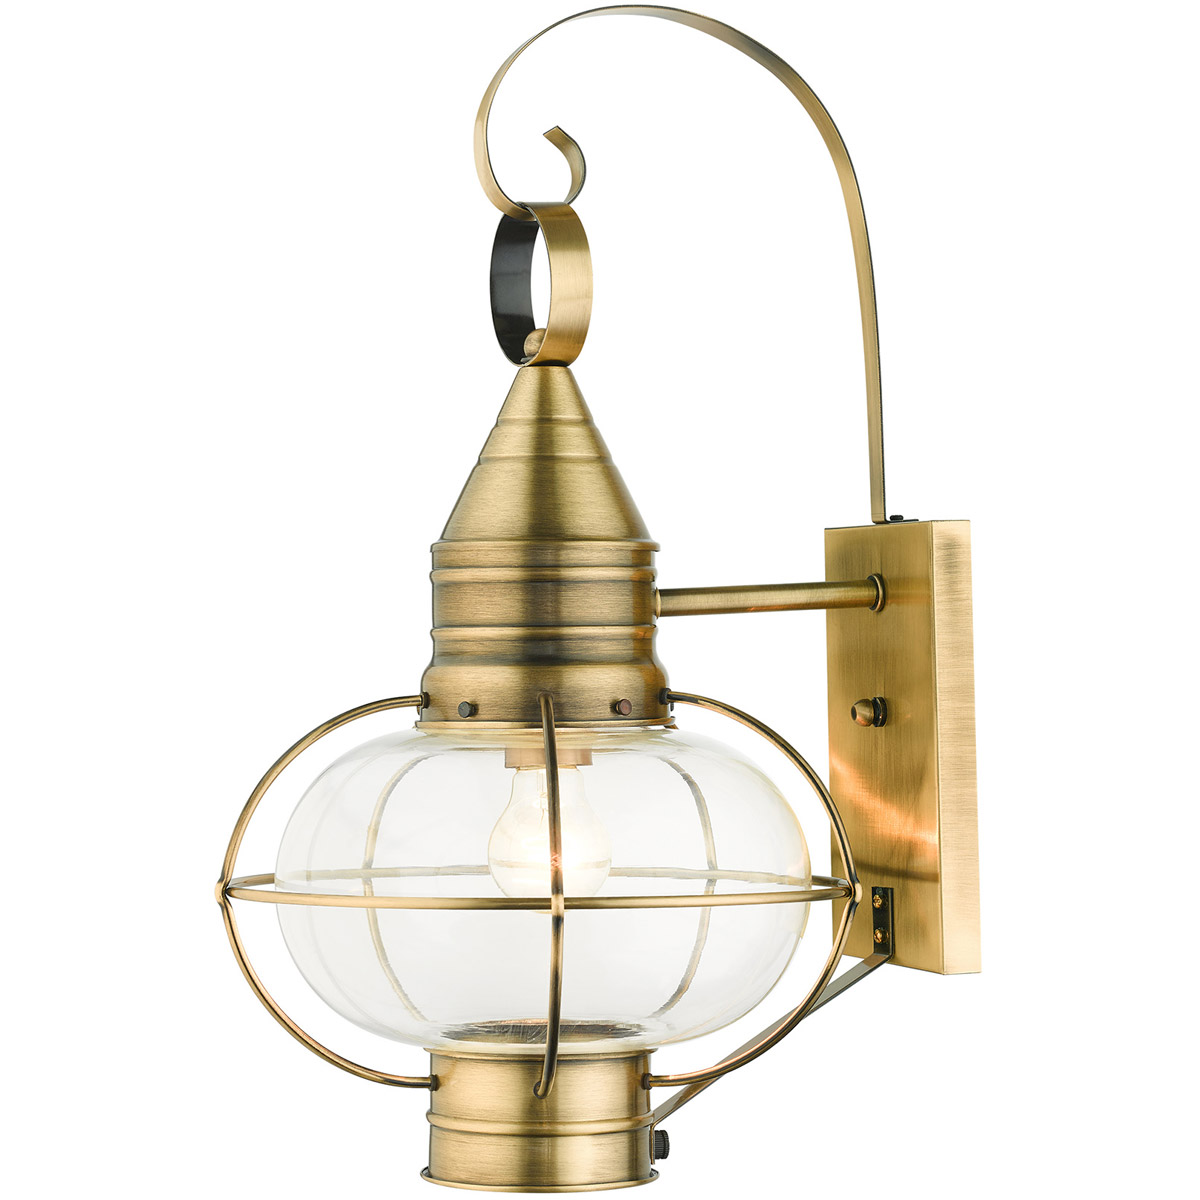 Livex Lighting 26904-01 Newburyport Outdoor Wall Light ...